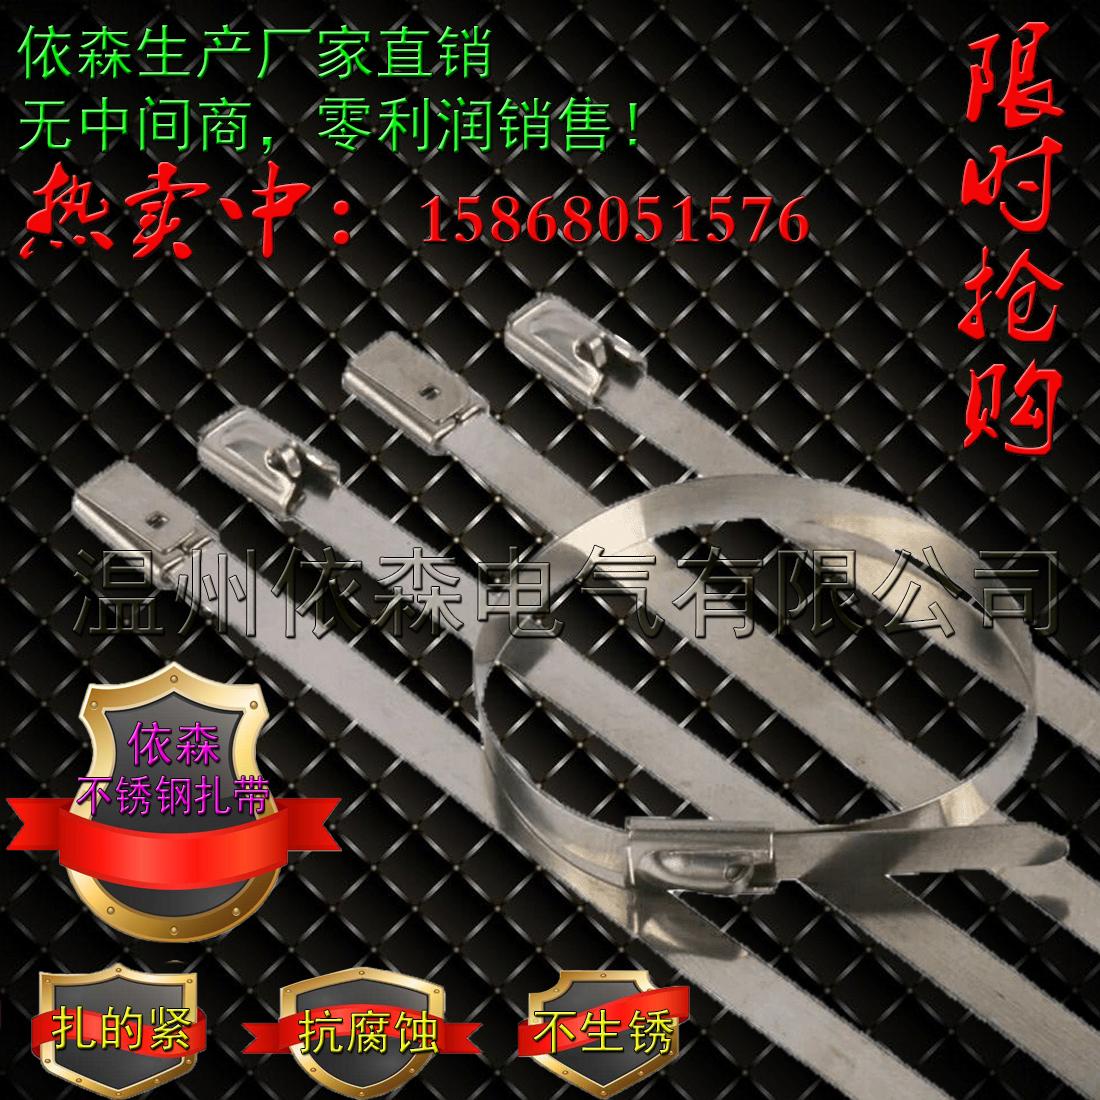 自锁式不锈钢扎带厂家 304电缆金属捆绑带 汽车不锈钢扎带供应商4.6*600MM特价直销